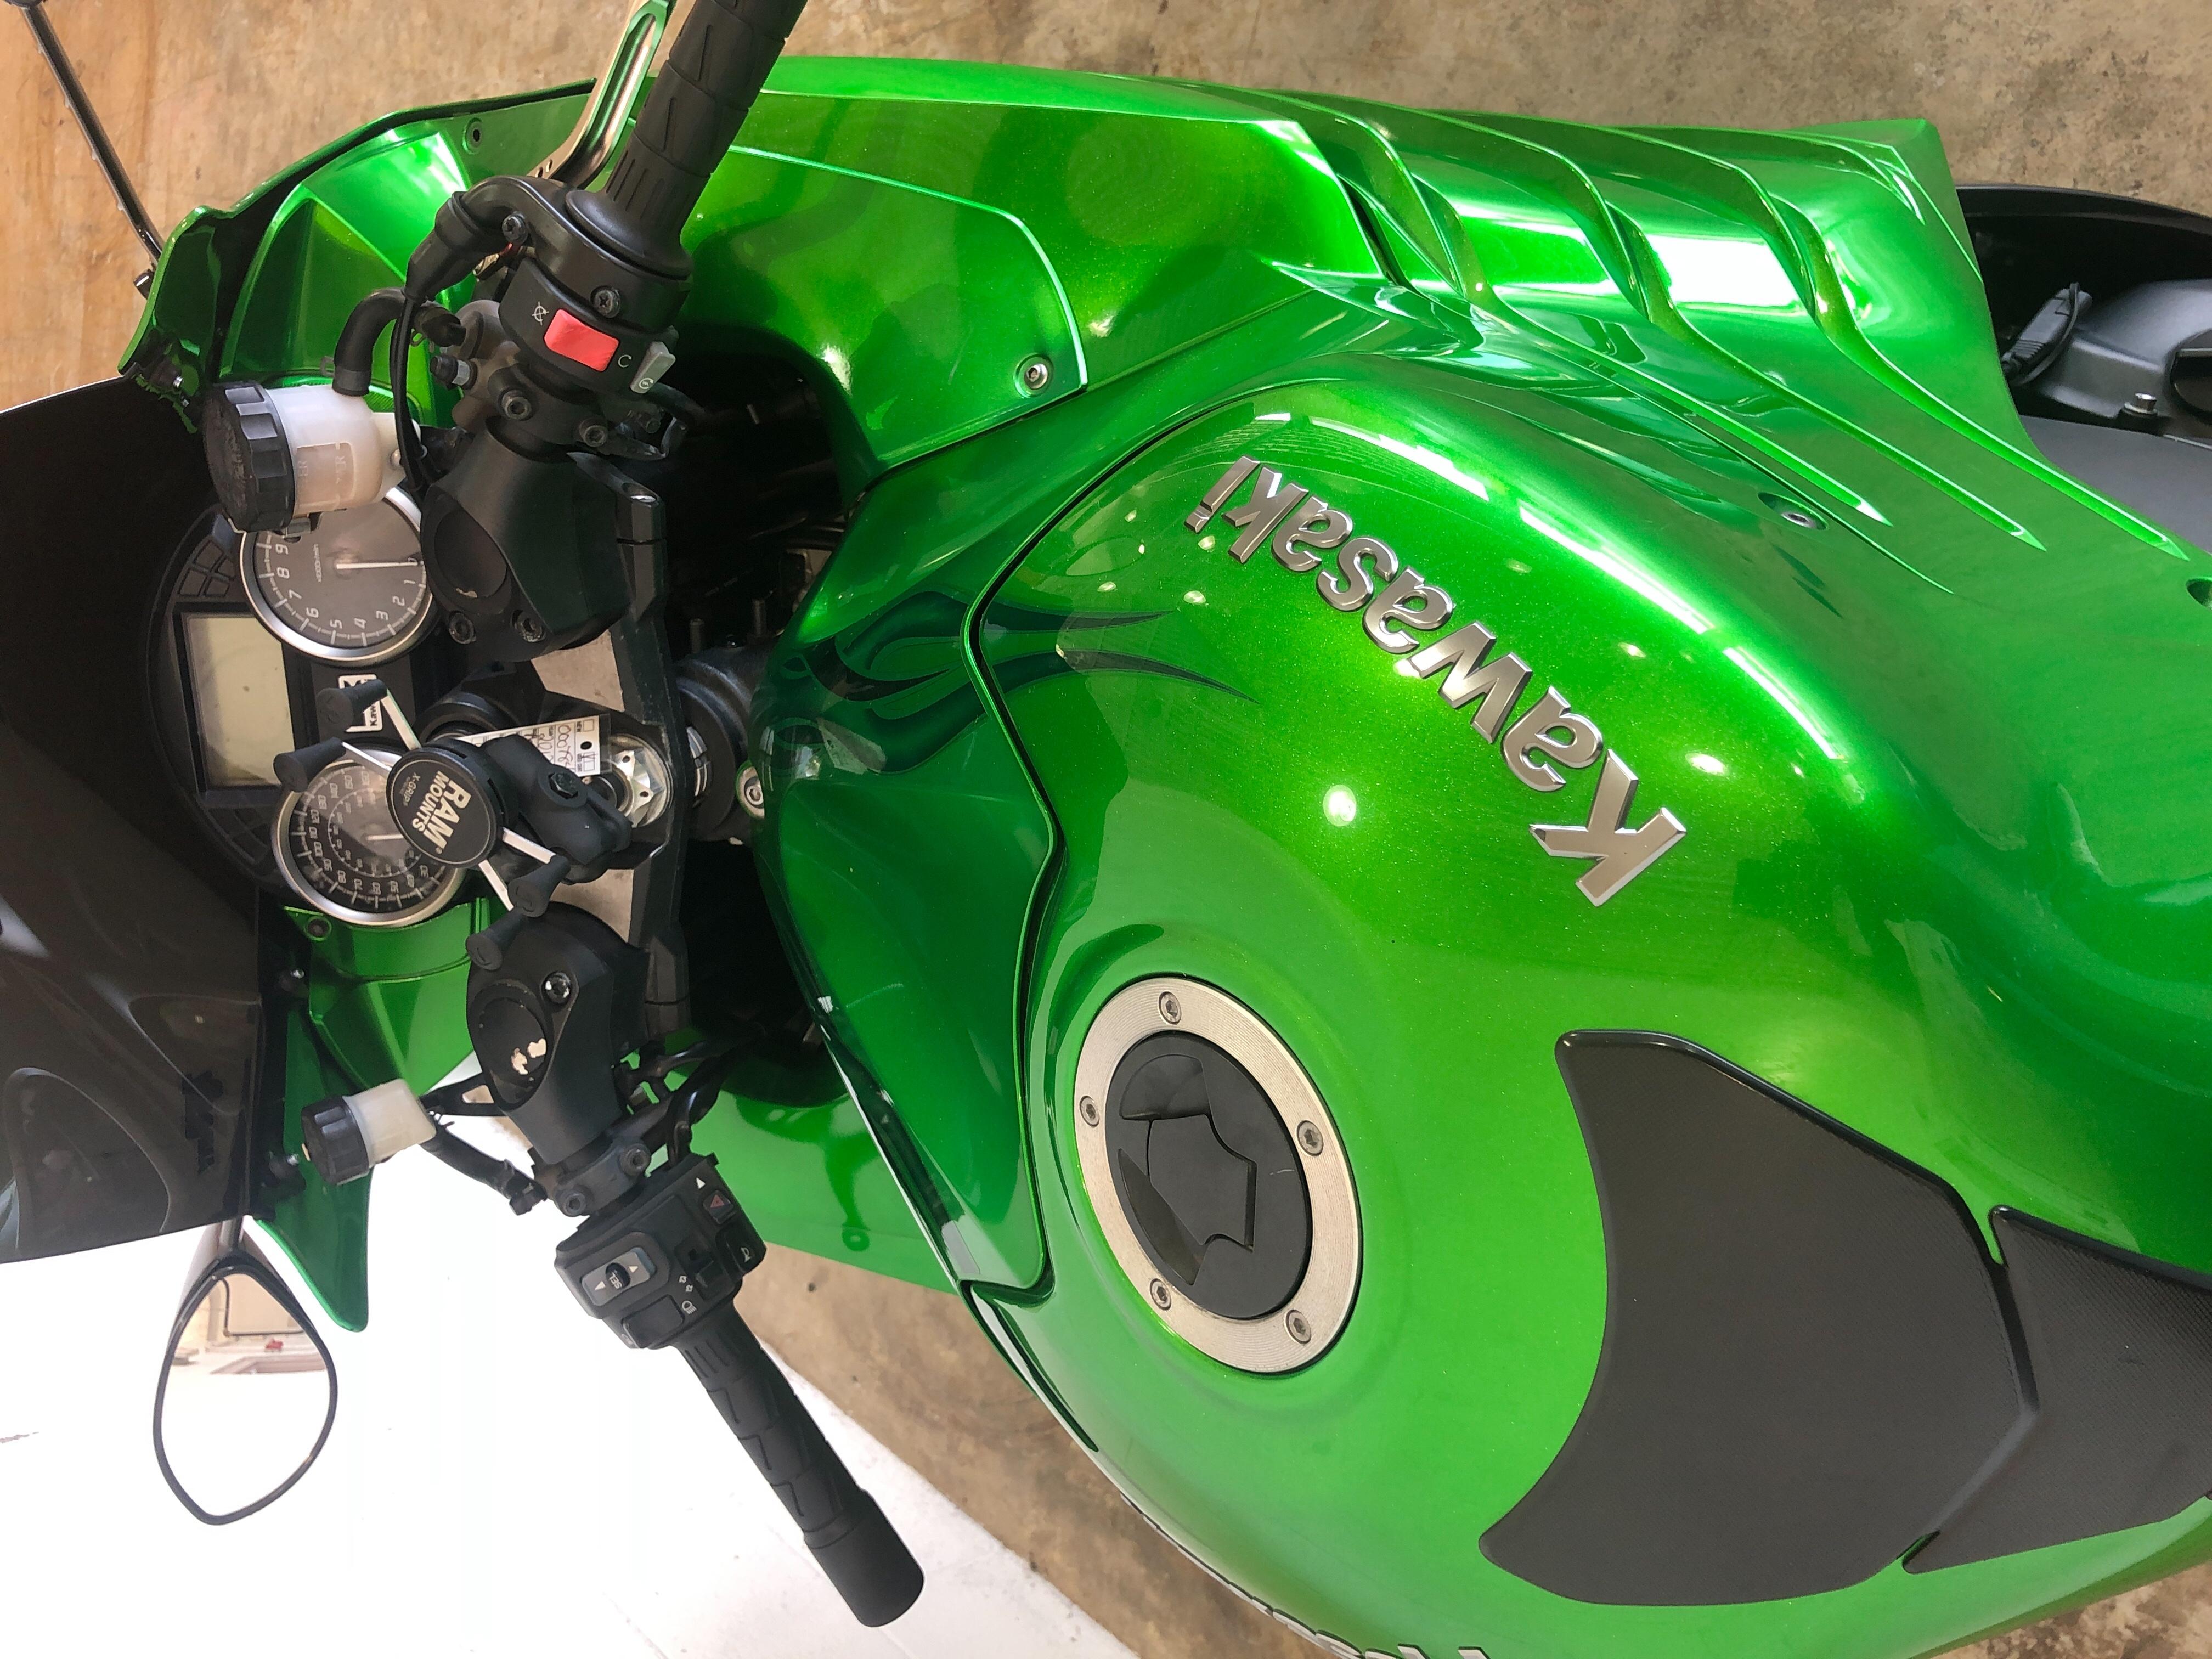 2012 Kawasaki Ninja ZX-14 SE at Twisted Cycles